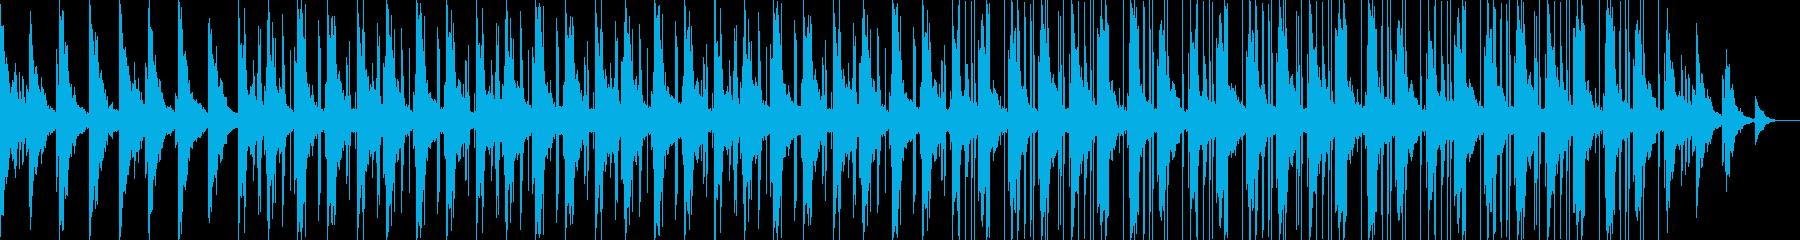 サックスを使用したlofihiphopの再生済みの波形